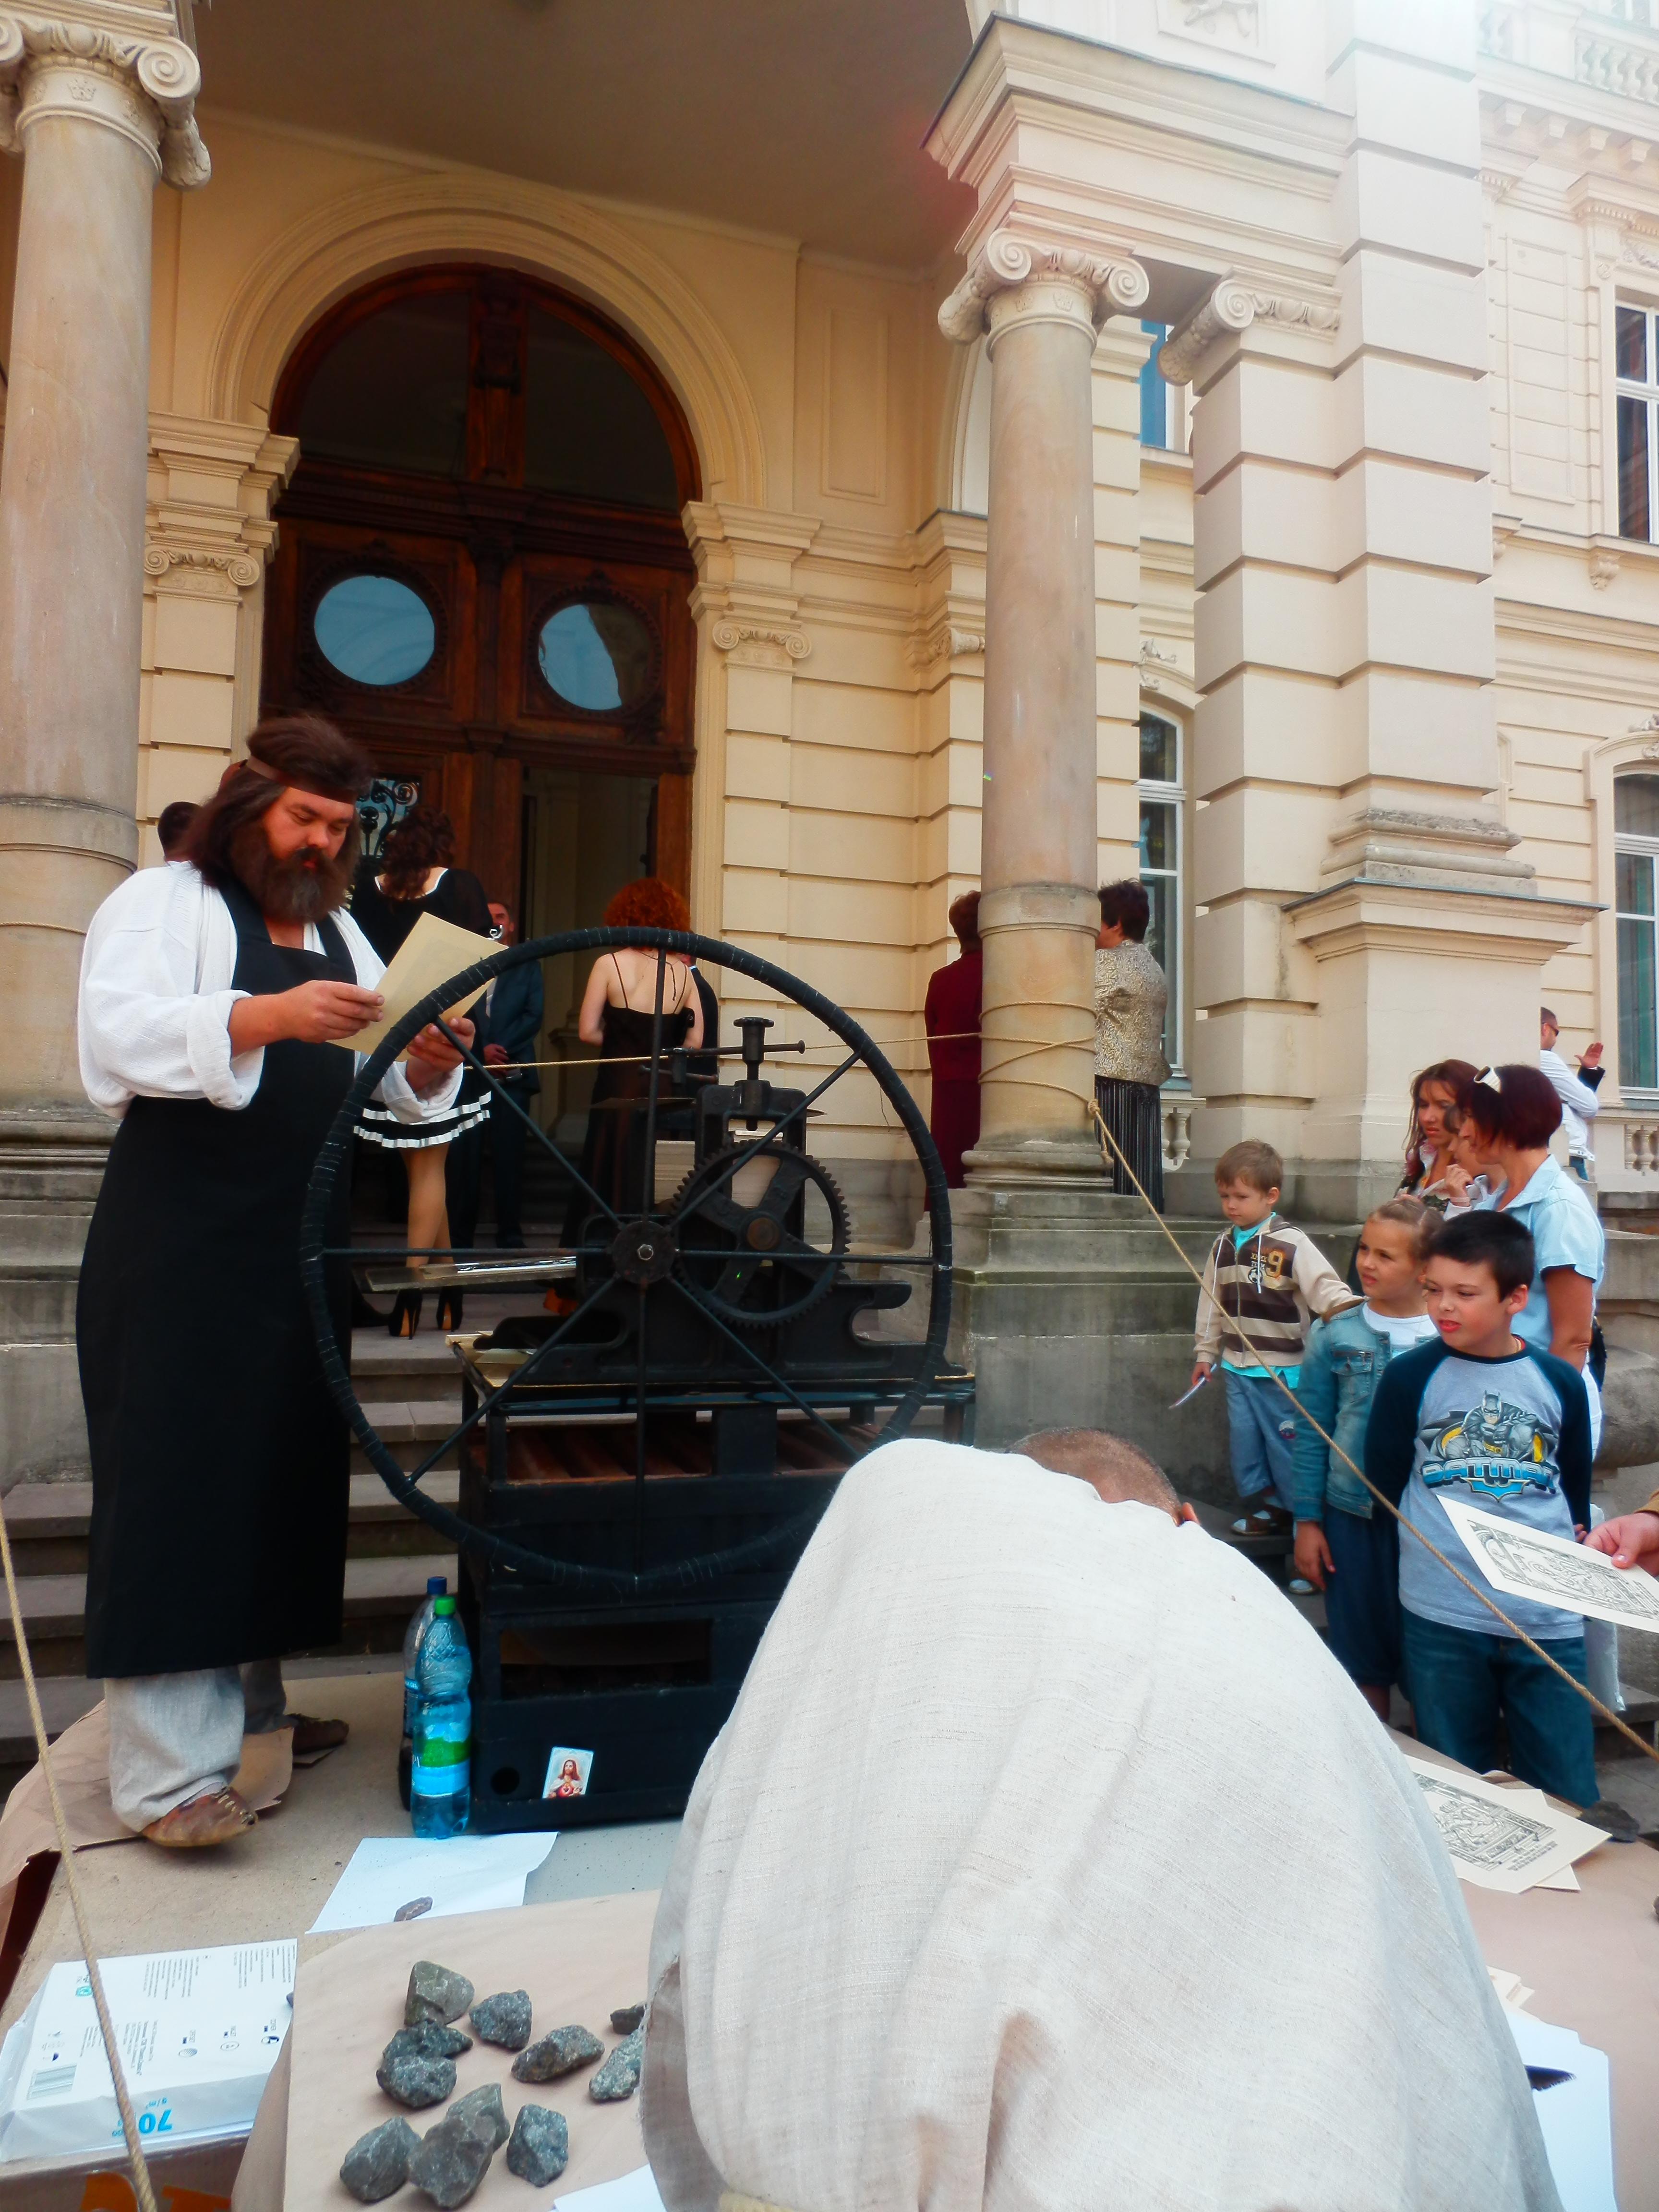 На східцях парадного входу до Палацу Потоцьких: документ, що призначається весільному кортежеві, вимагає перевірки на відповідність виключно ретельної